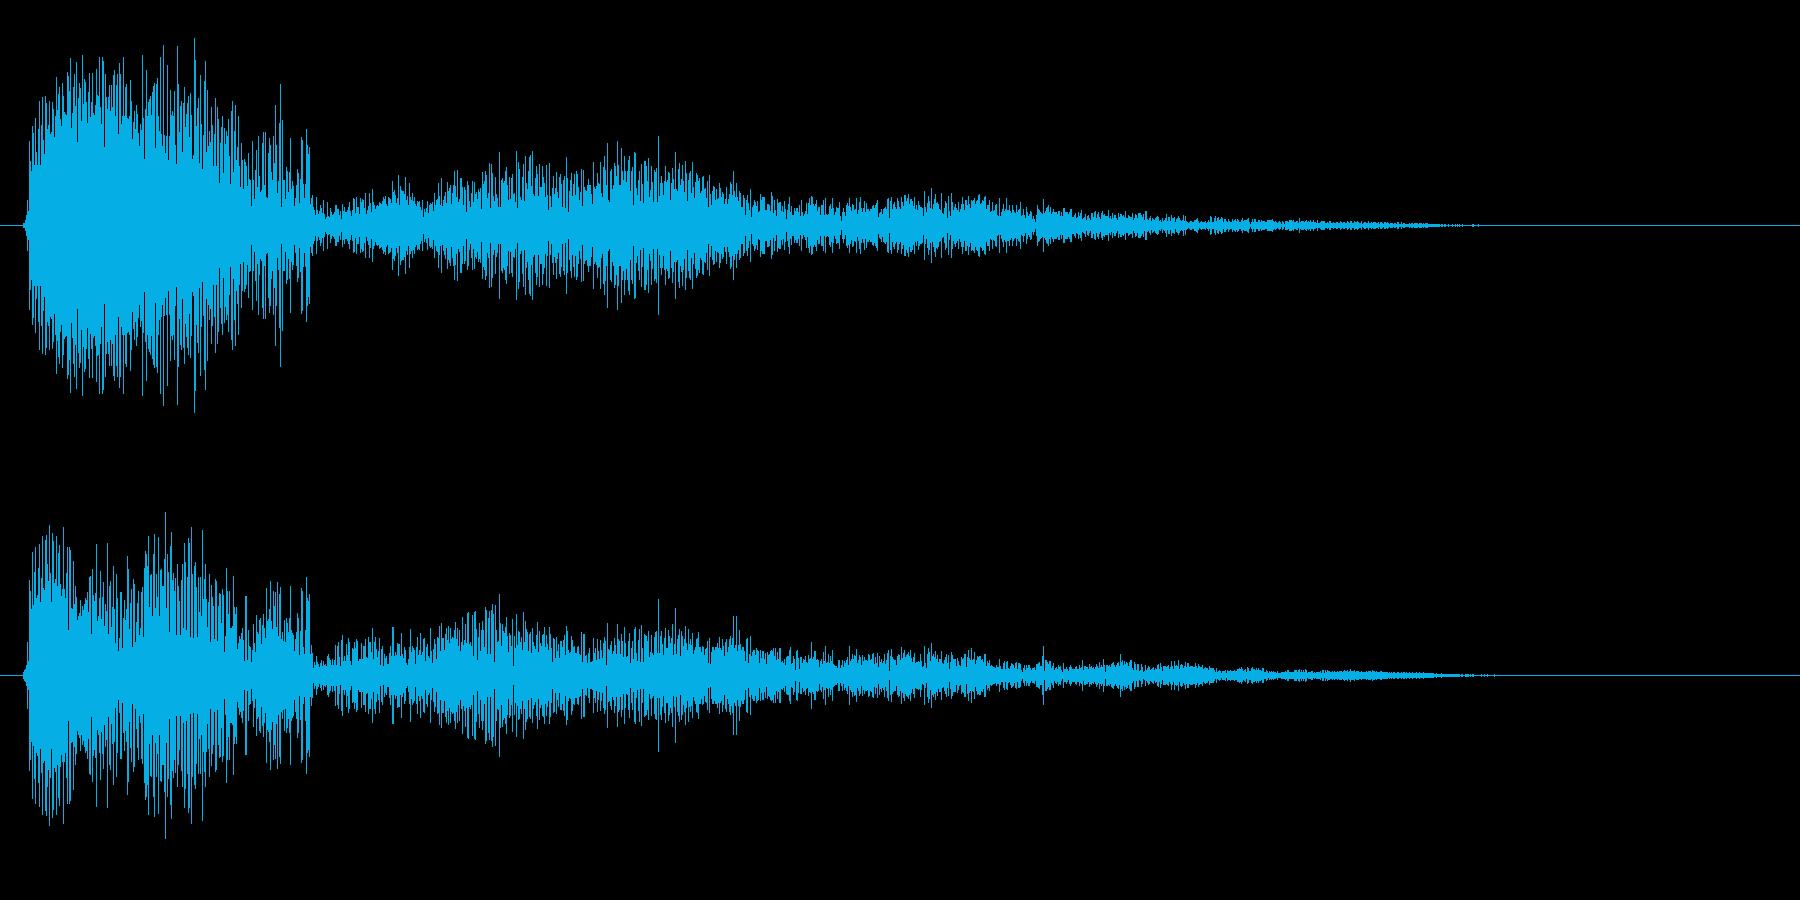 マウスオーバーの効果音の再生済みの波形